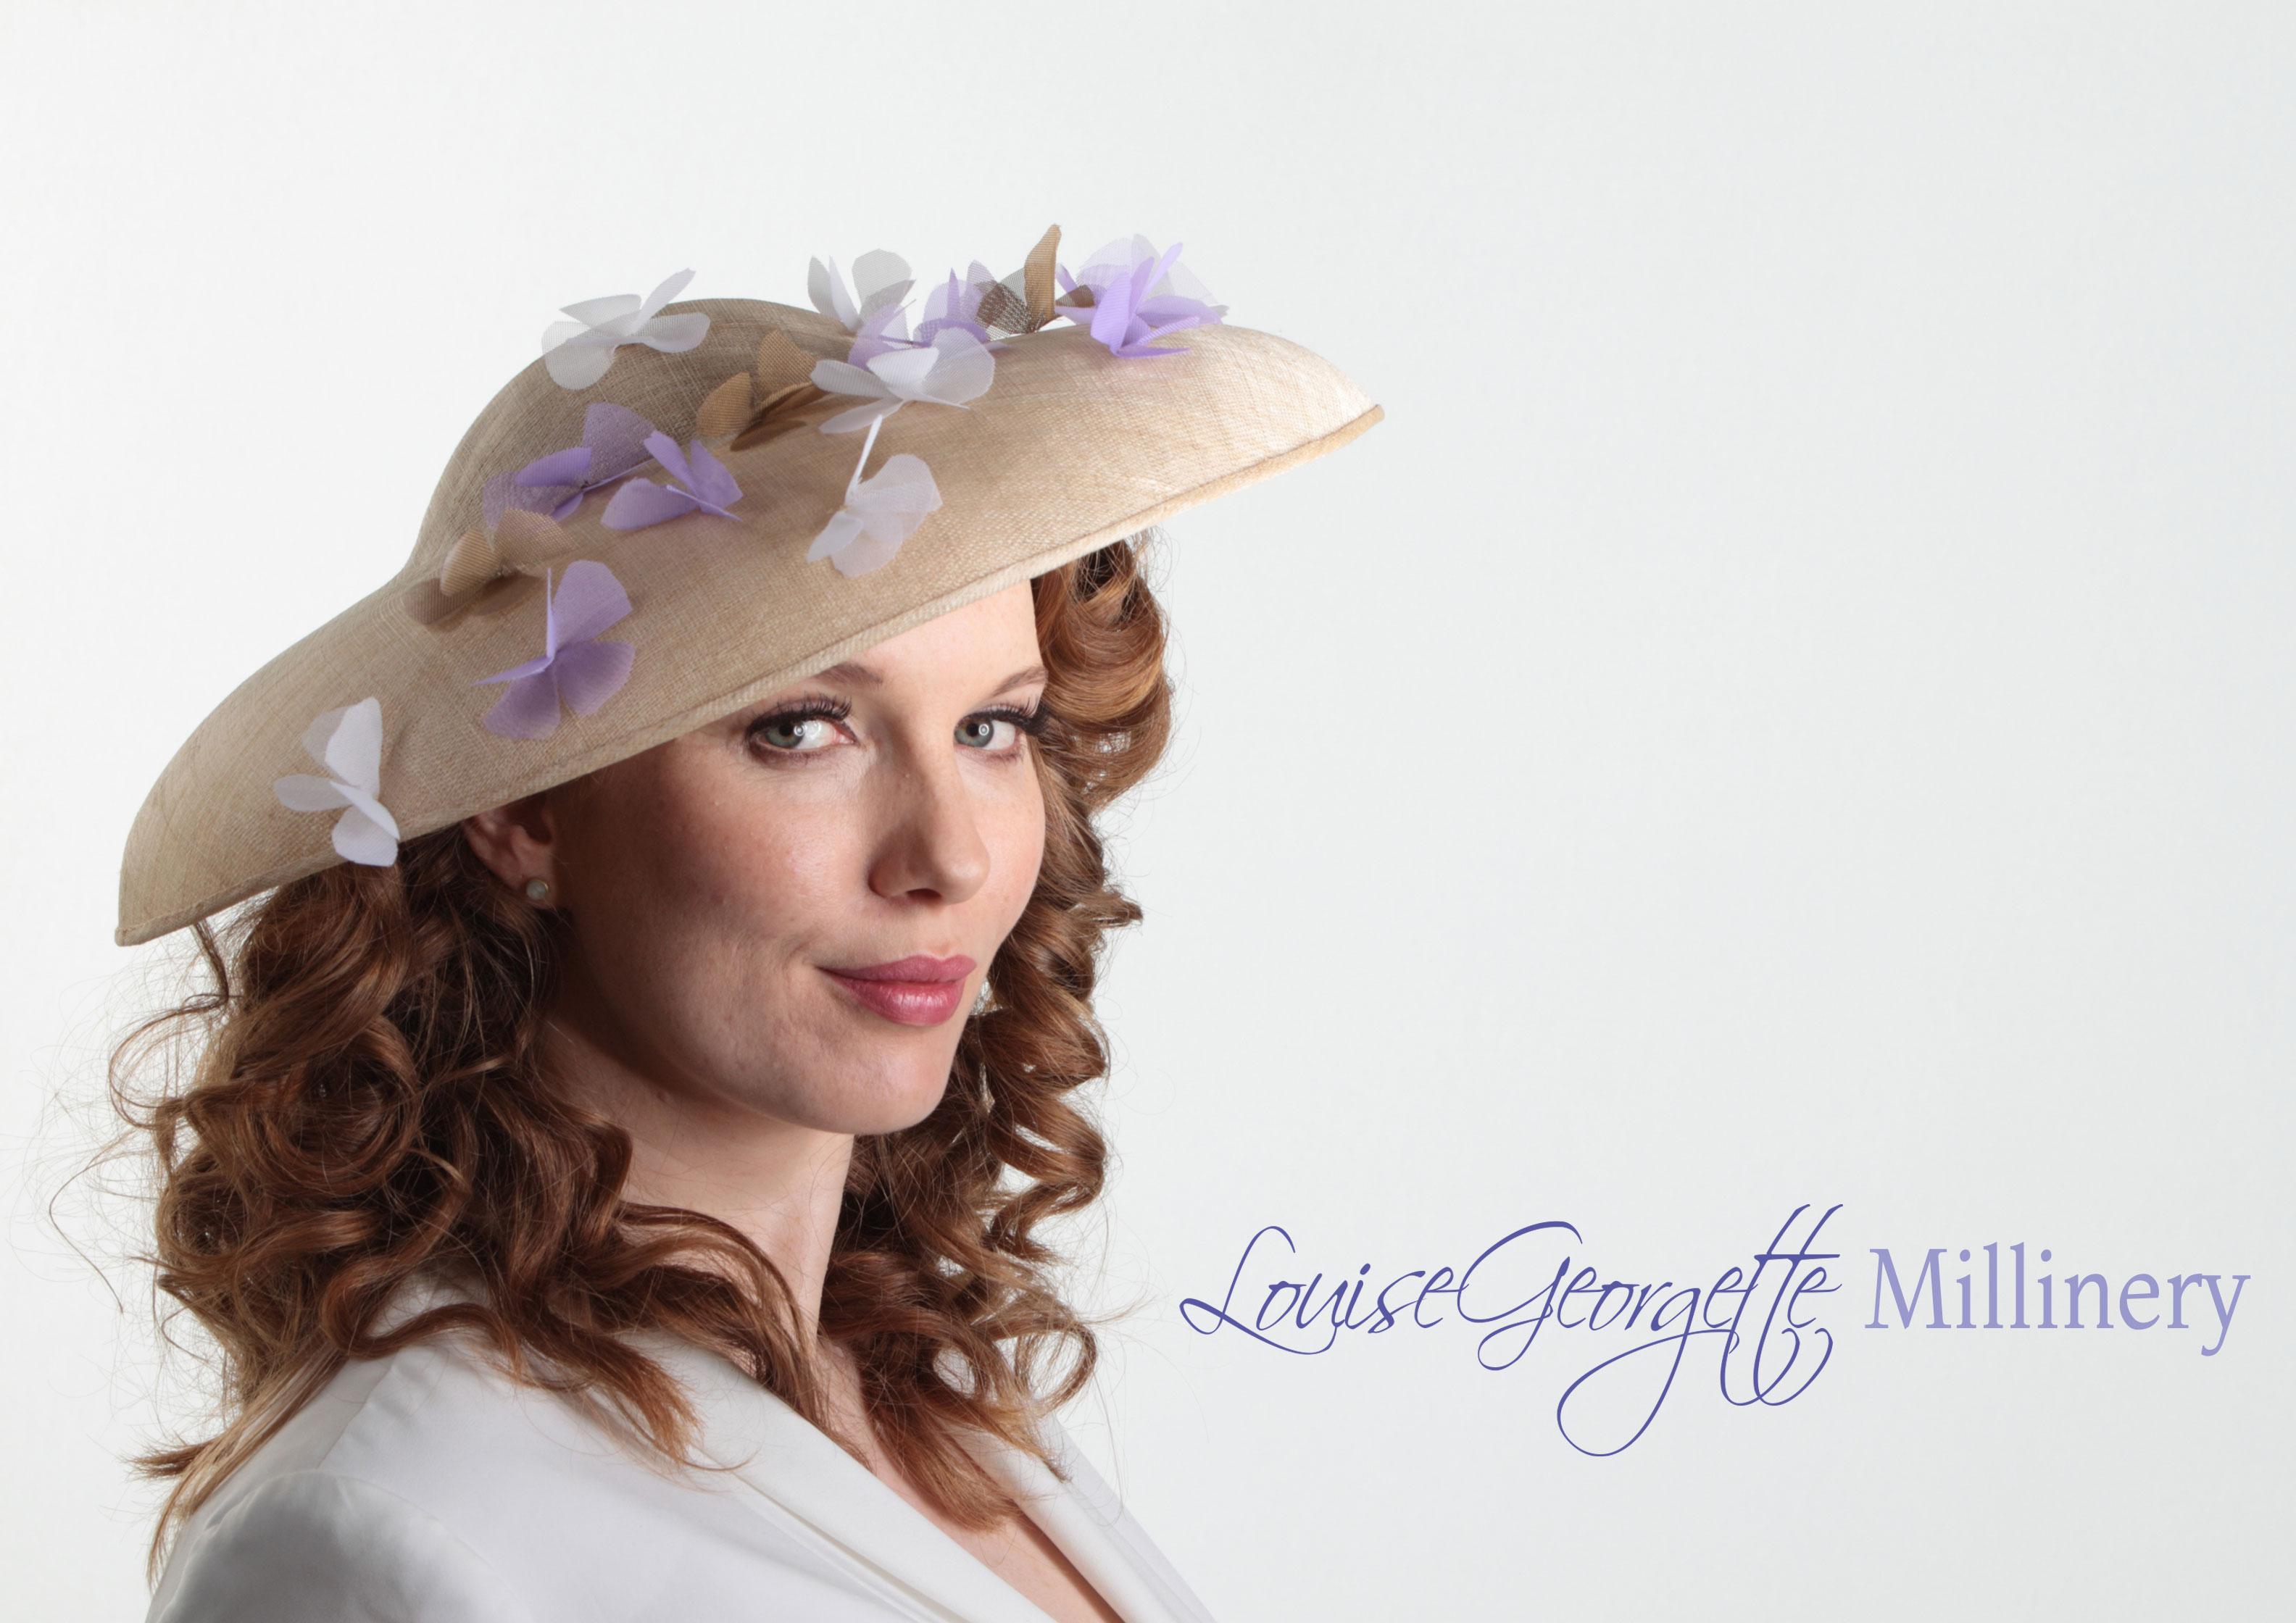 LouiseGeorgetteMillinery